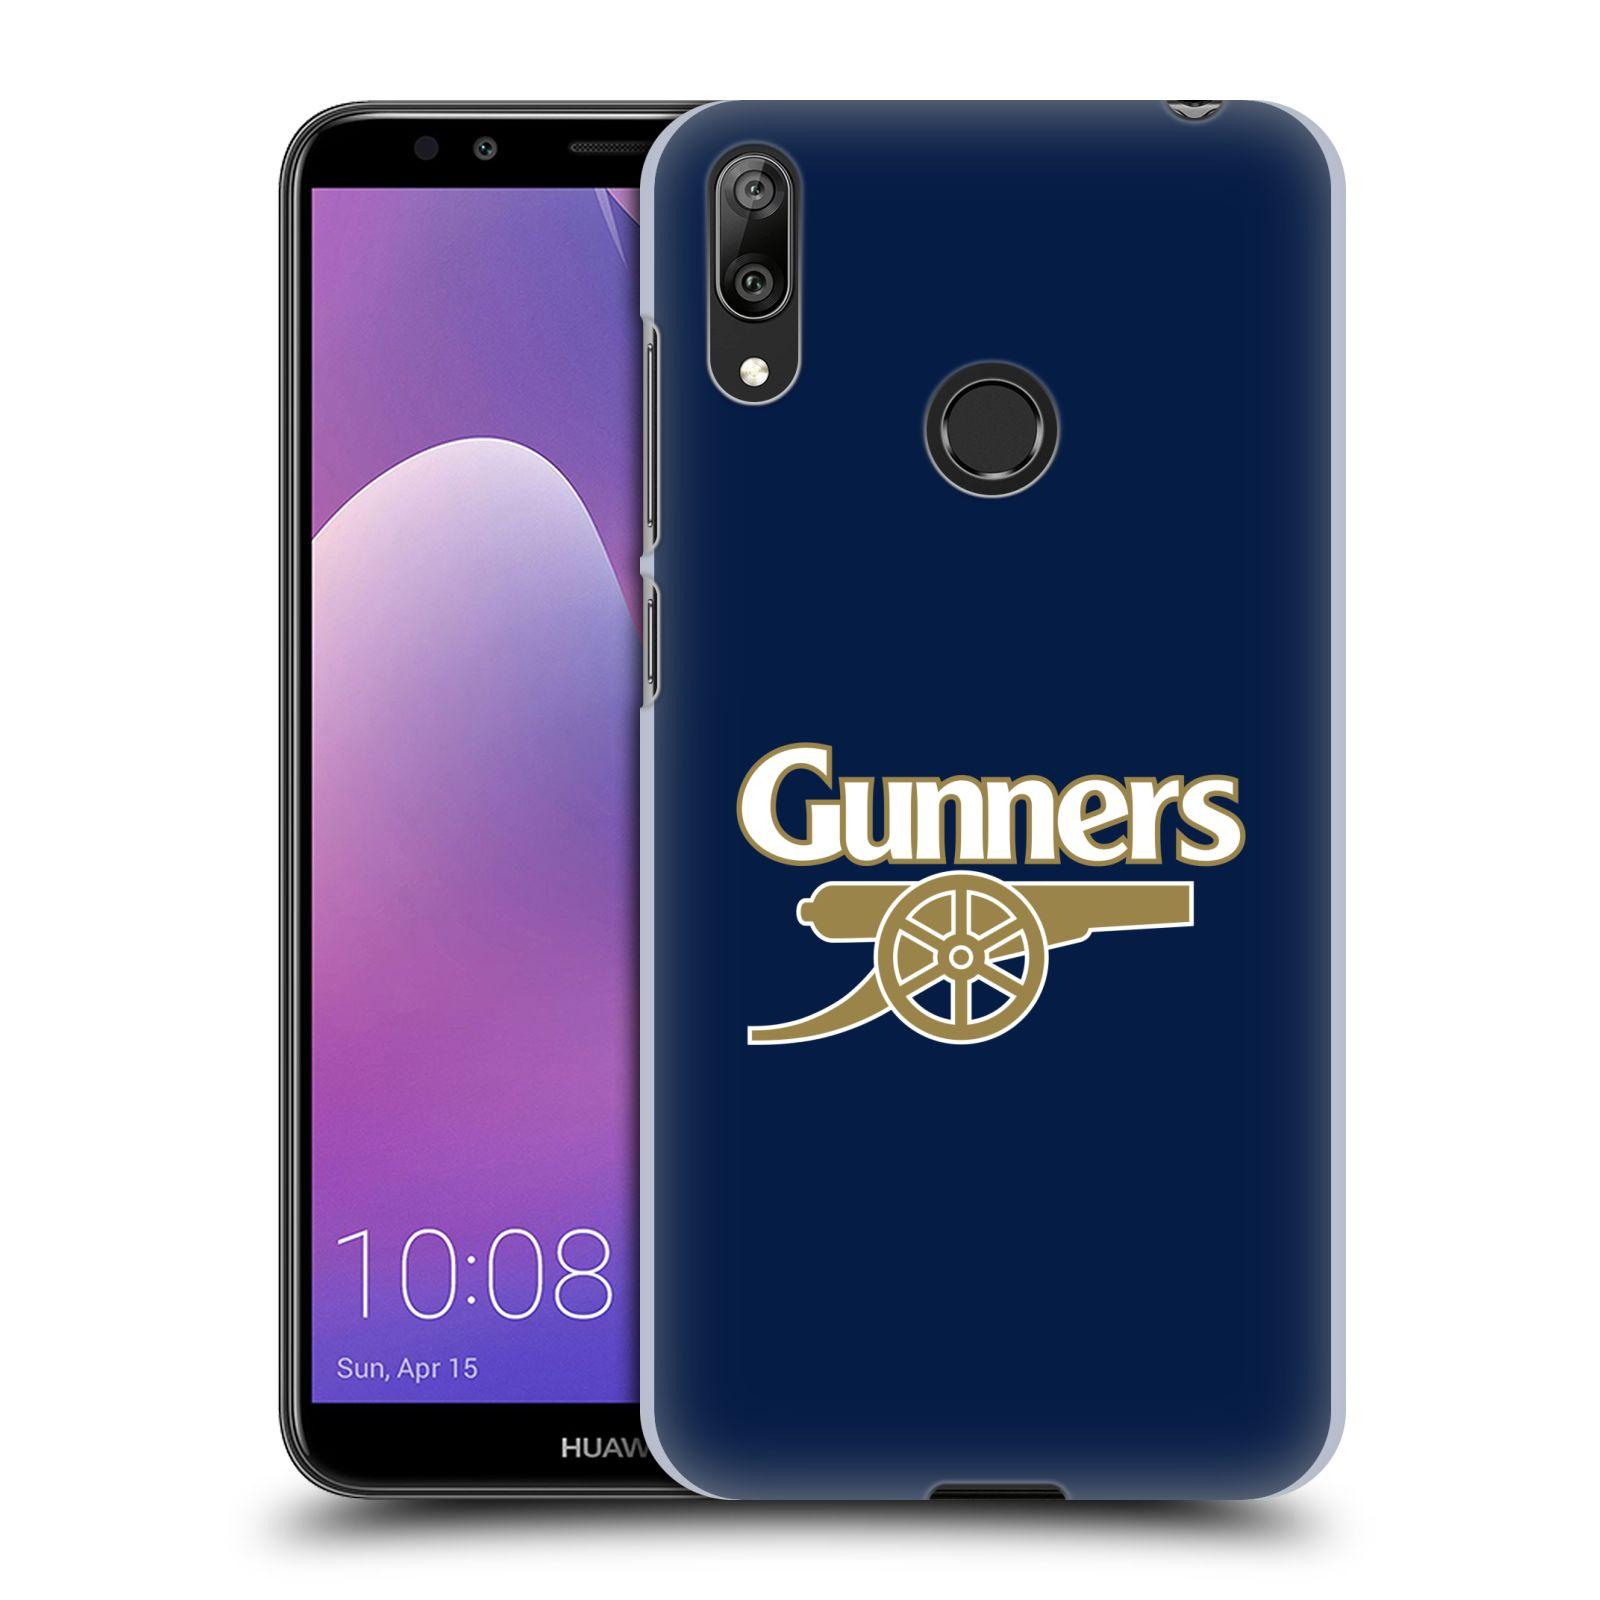 Plastové pouzdro na mobil Huawei Y7 (2019) - Head Case - Arsenal FC - Gunners